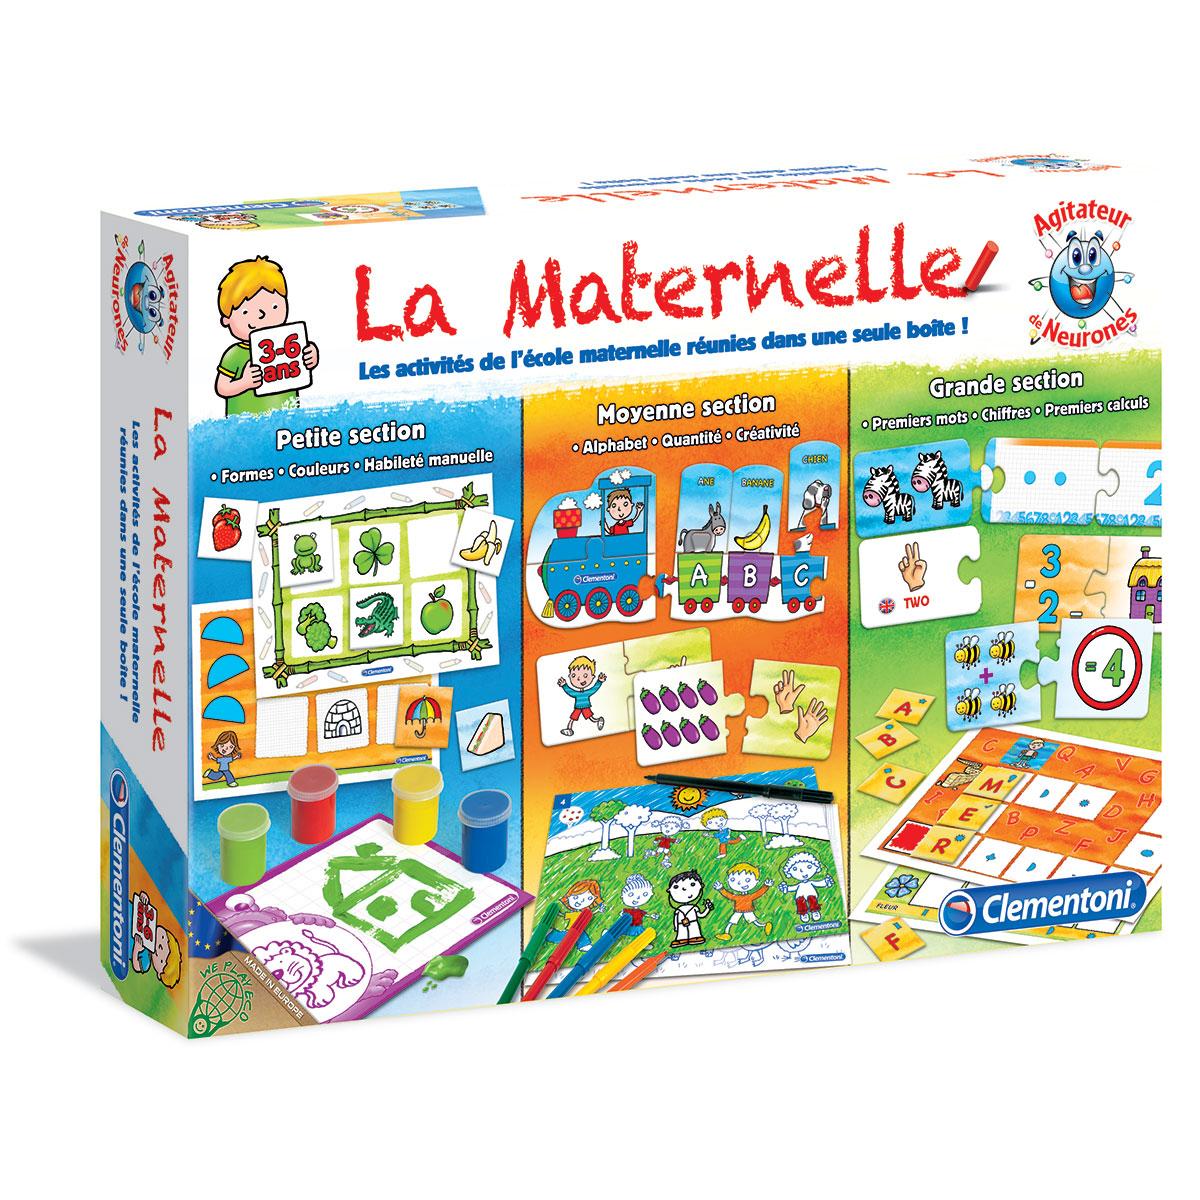 Jeux Educatif Enfant 2 Ans - PrimaNYC.com